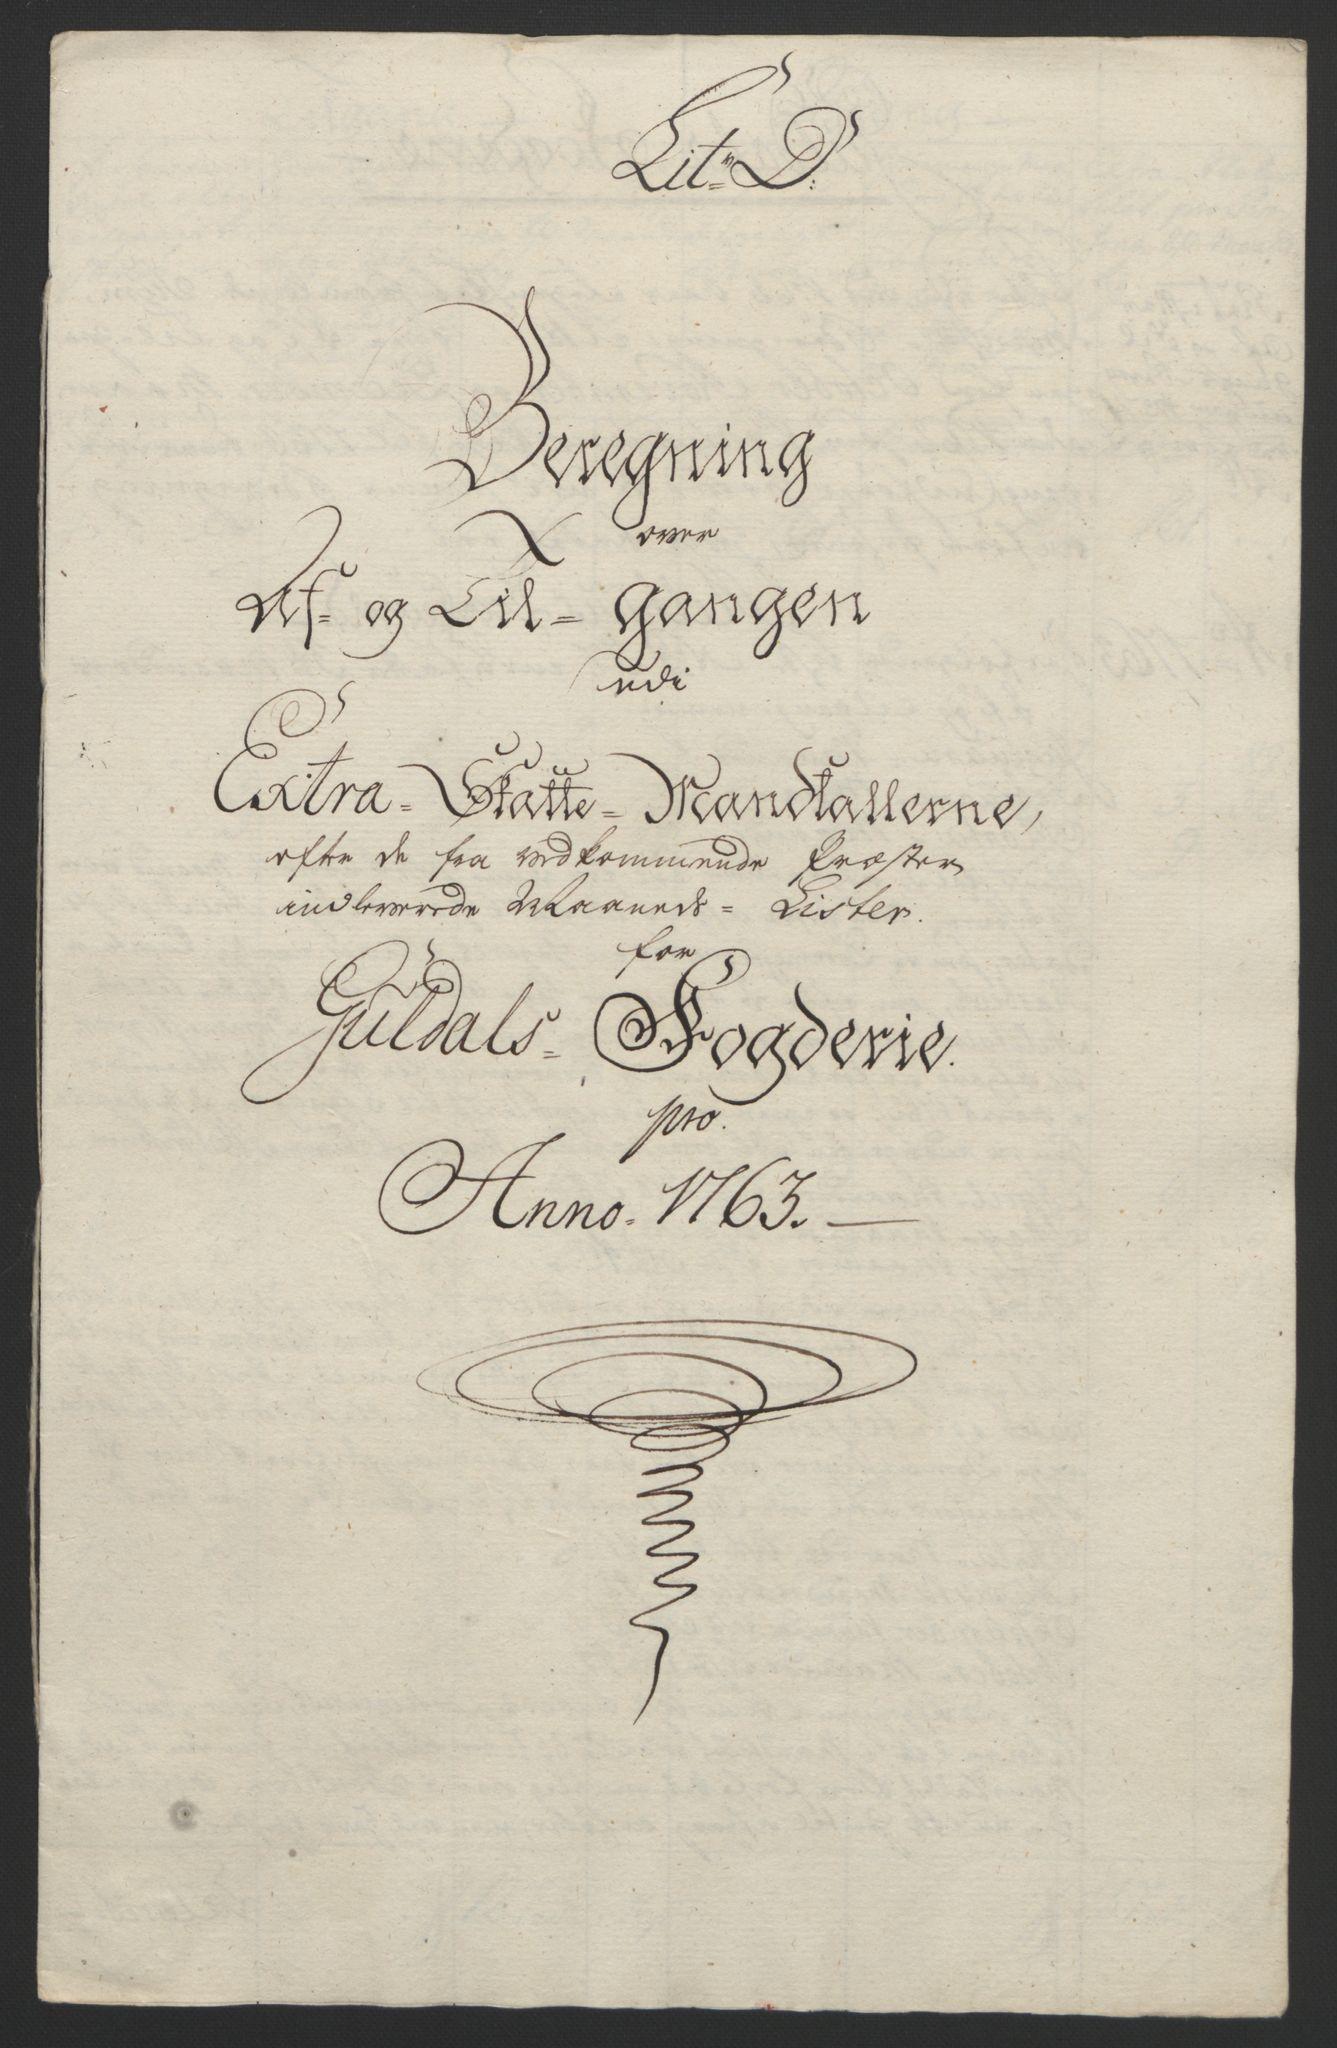 RA, Rentekammeret inntil 1814, Reviderte regnskaper, Fogderegnskap, R60/L4094: Ekstraskatten Orkdal og Gauldal, 1762-1765, s. 101